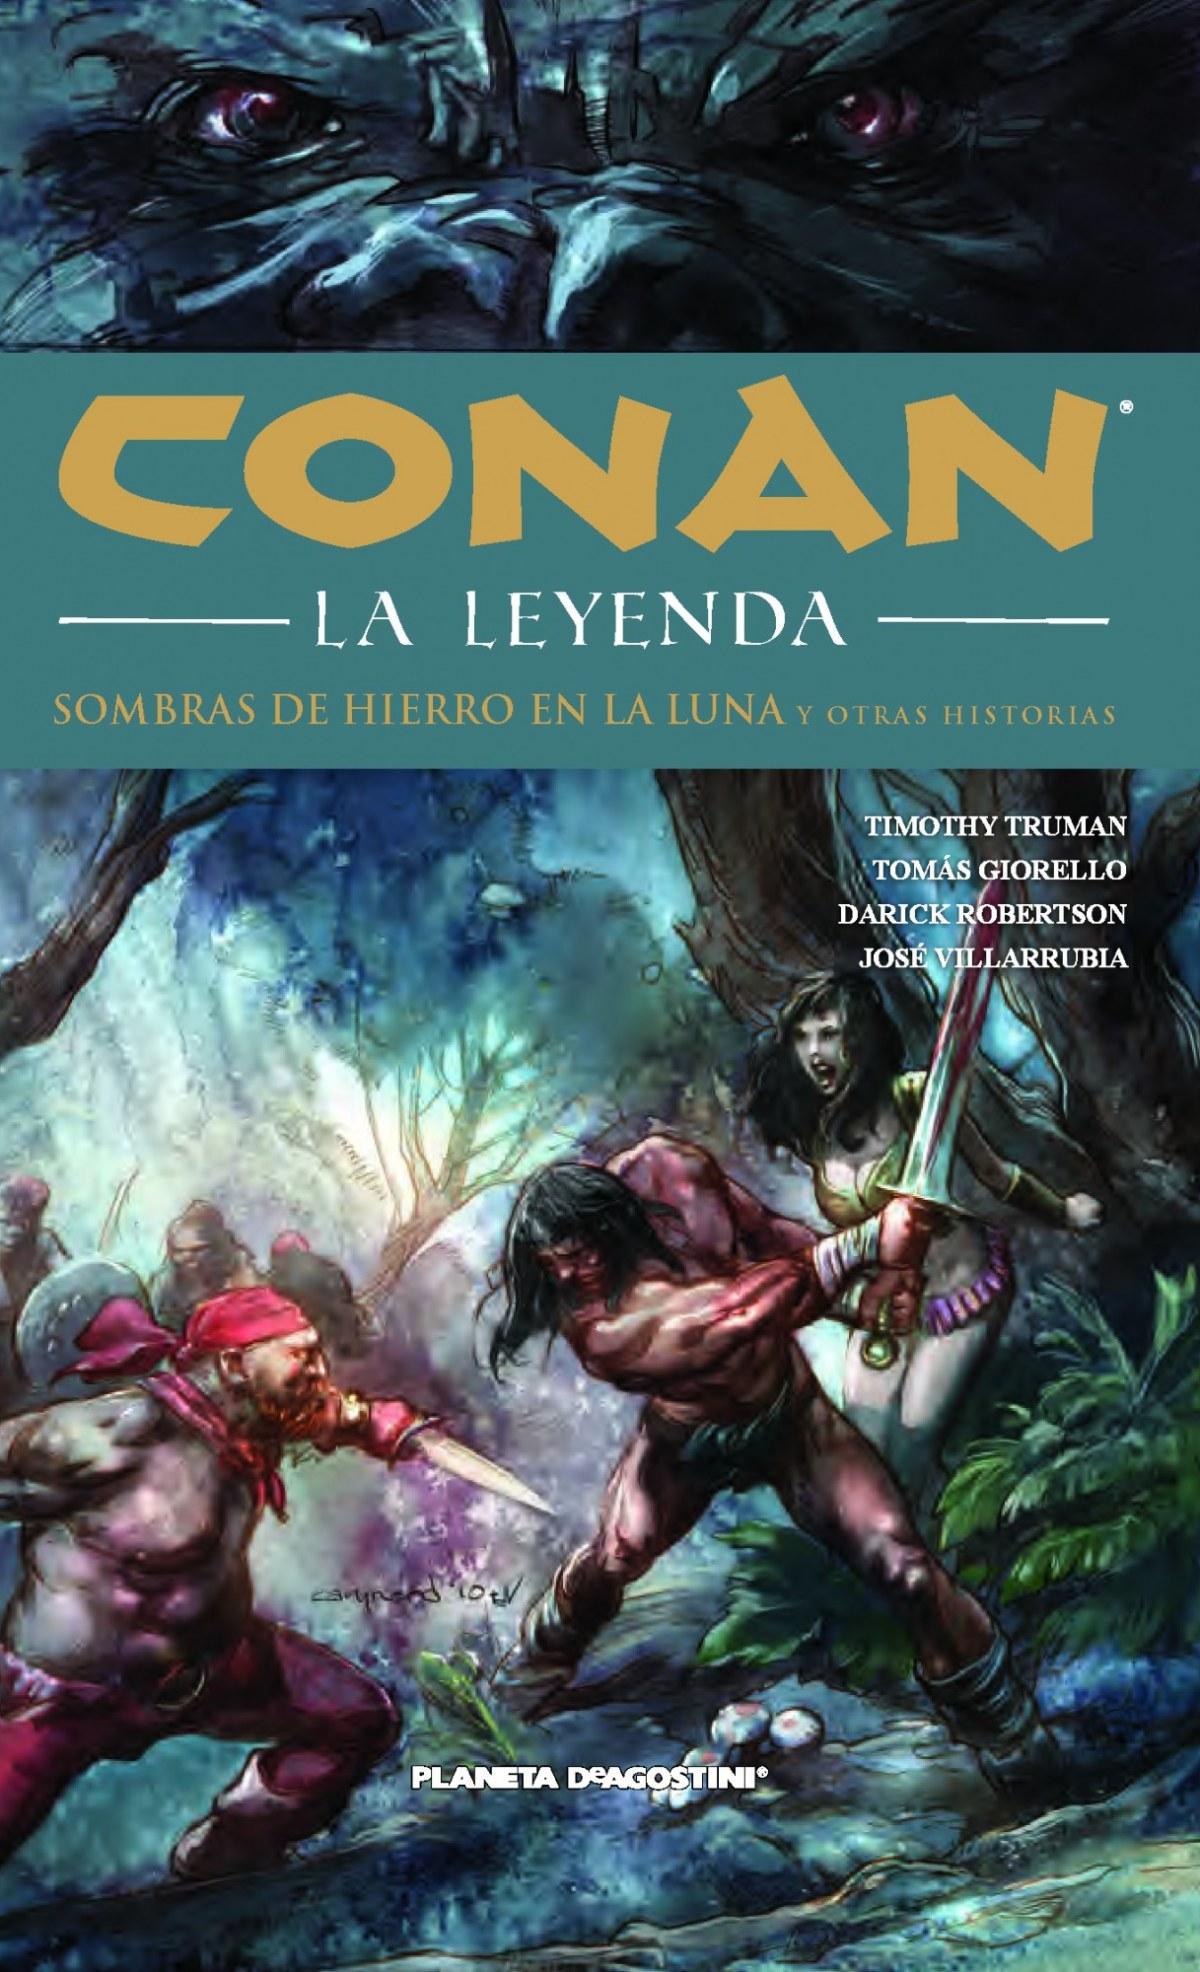 Conan la leyenda nº10